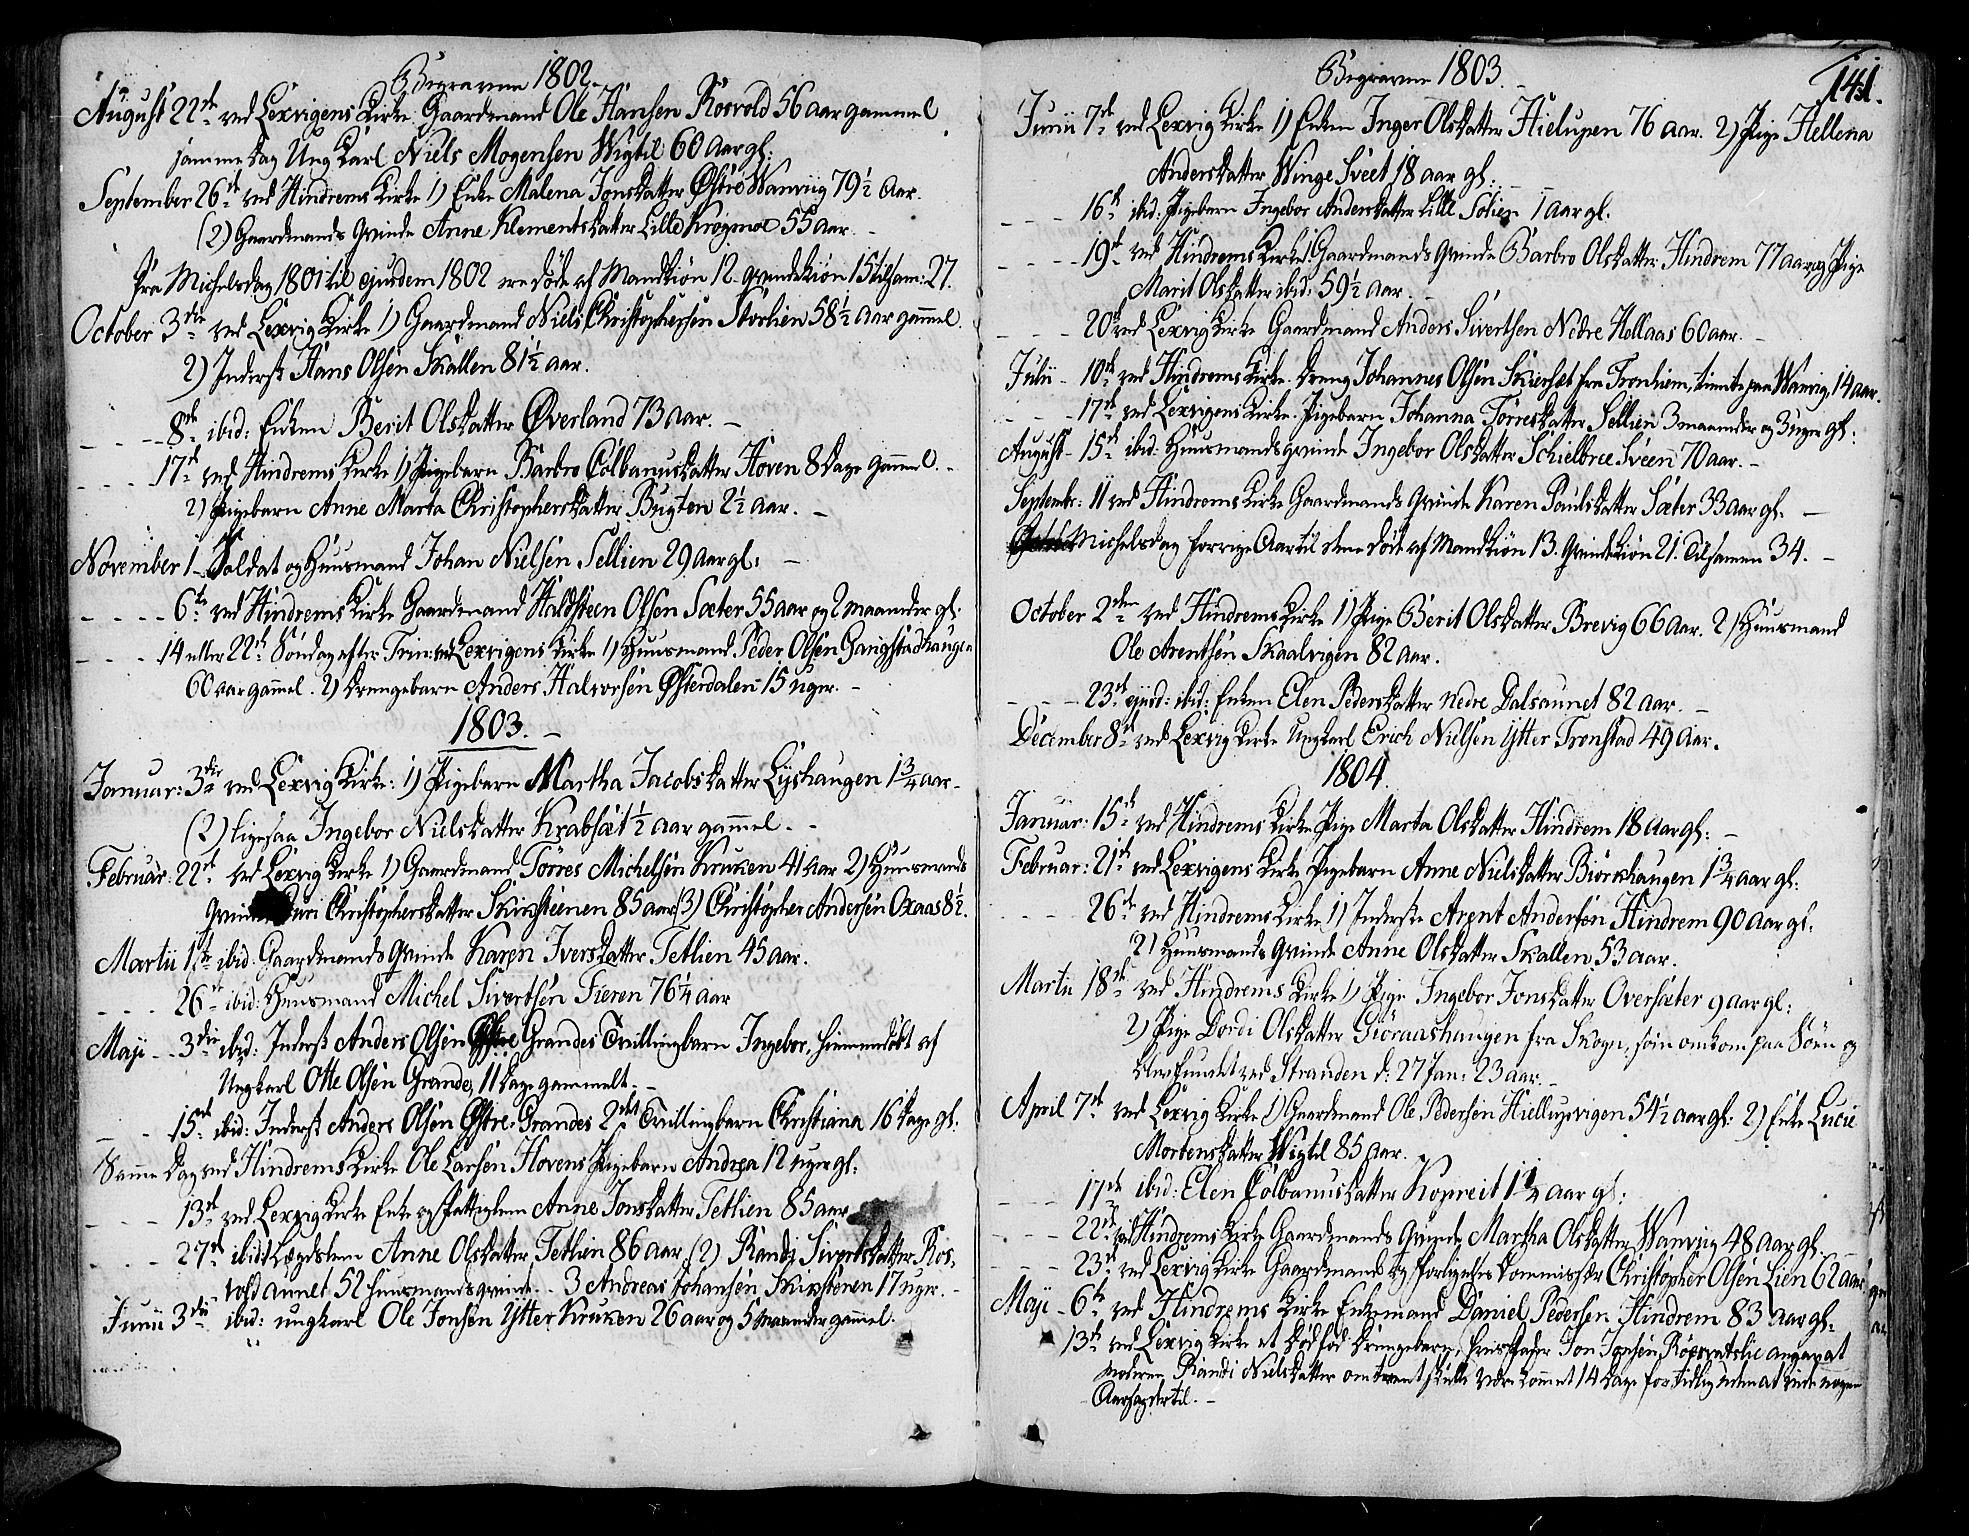 SAT, Ministerialprotokoller, klokkerbøker og fødselsregistre - Nord-Trøndelag, 701/L0004: Ministerialbok nr. 701A04, 1783-1816, s. 141